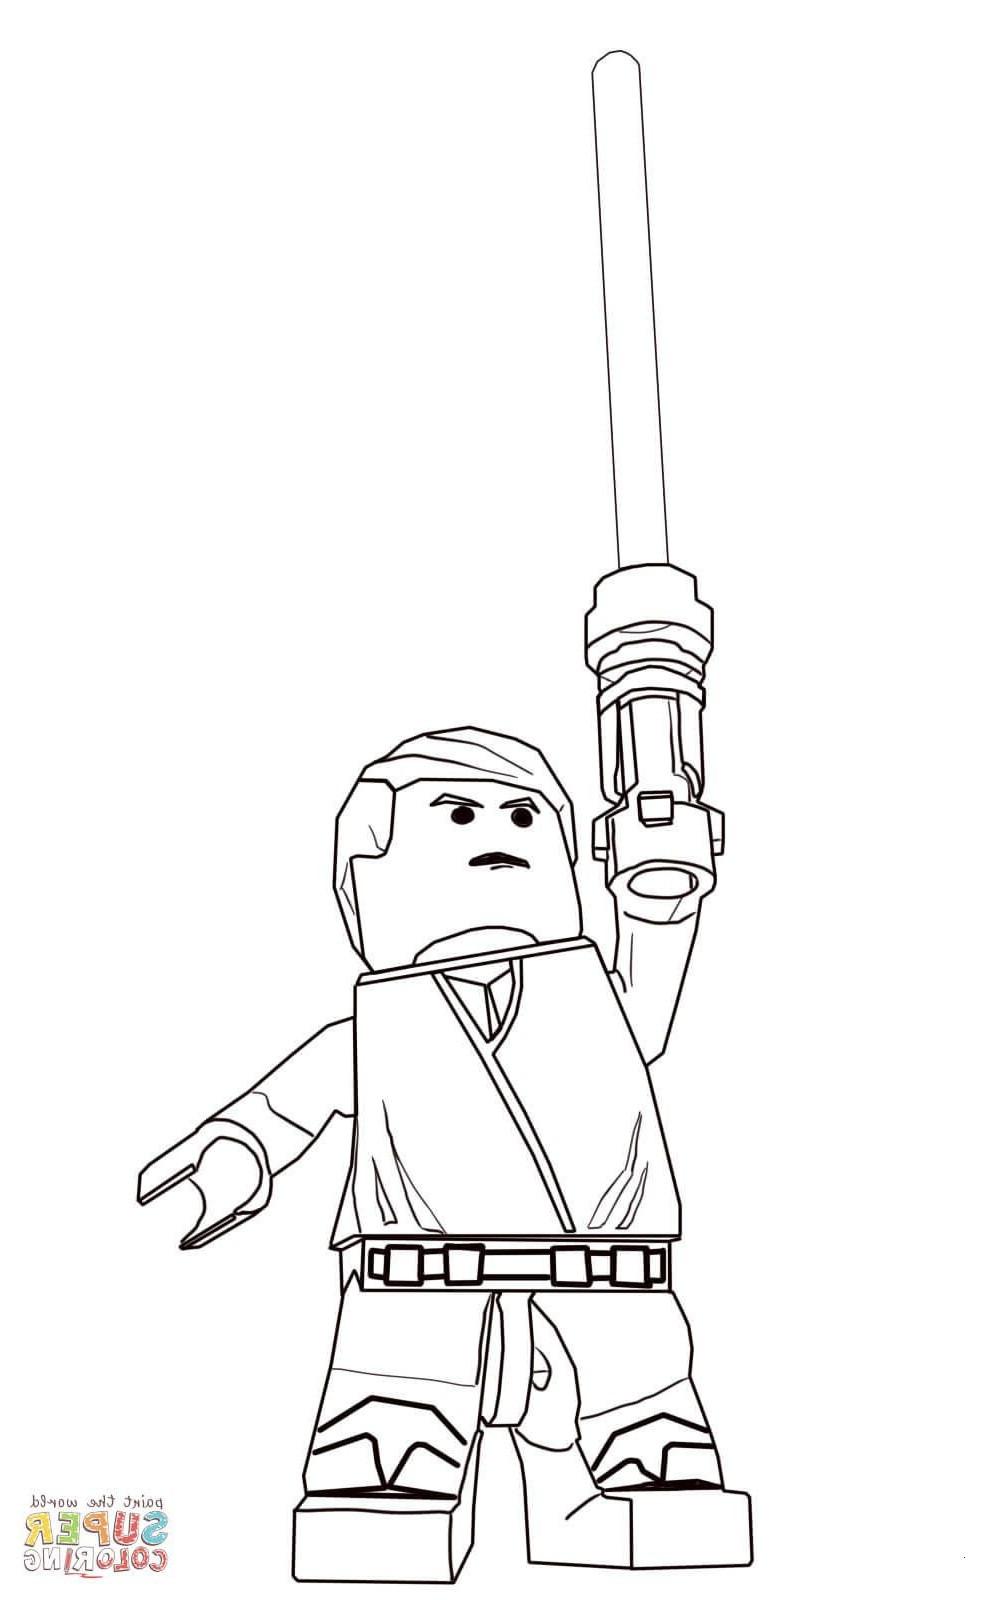 Lego Star Wars Malvorlagen Frisch 30 Einzigartig Ausmalbilder Lego Star Wars – Malvorlagen Ideen Das Bild